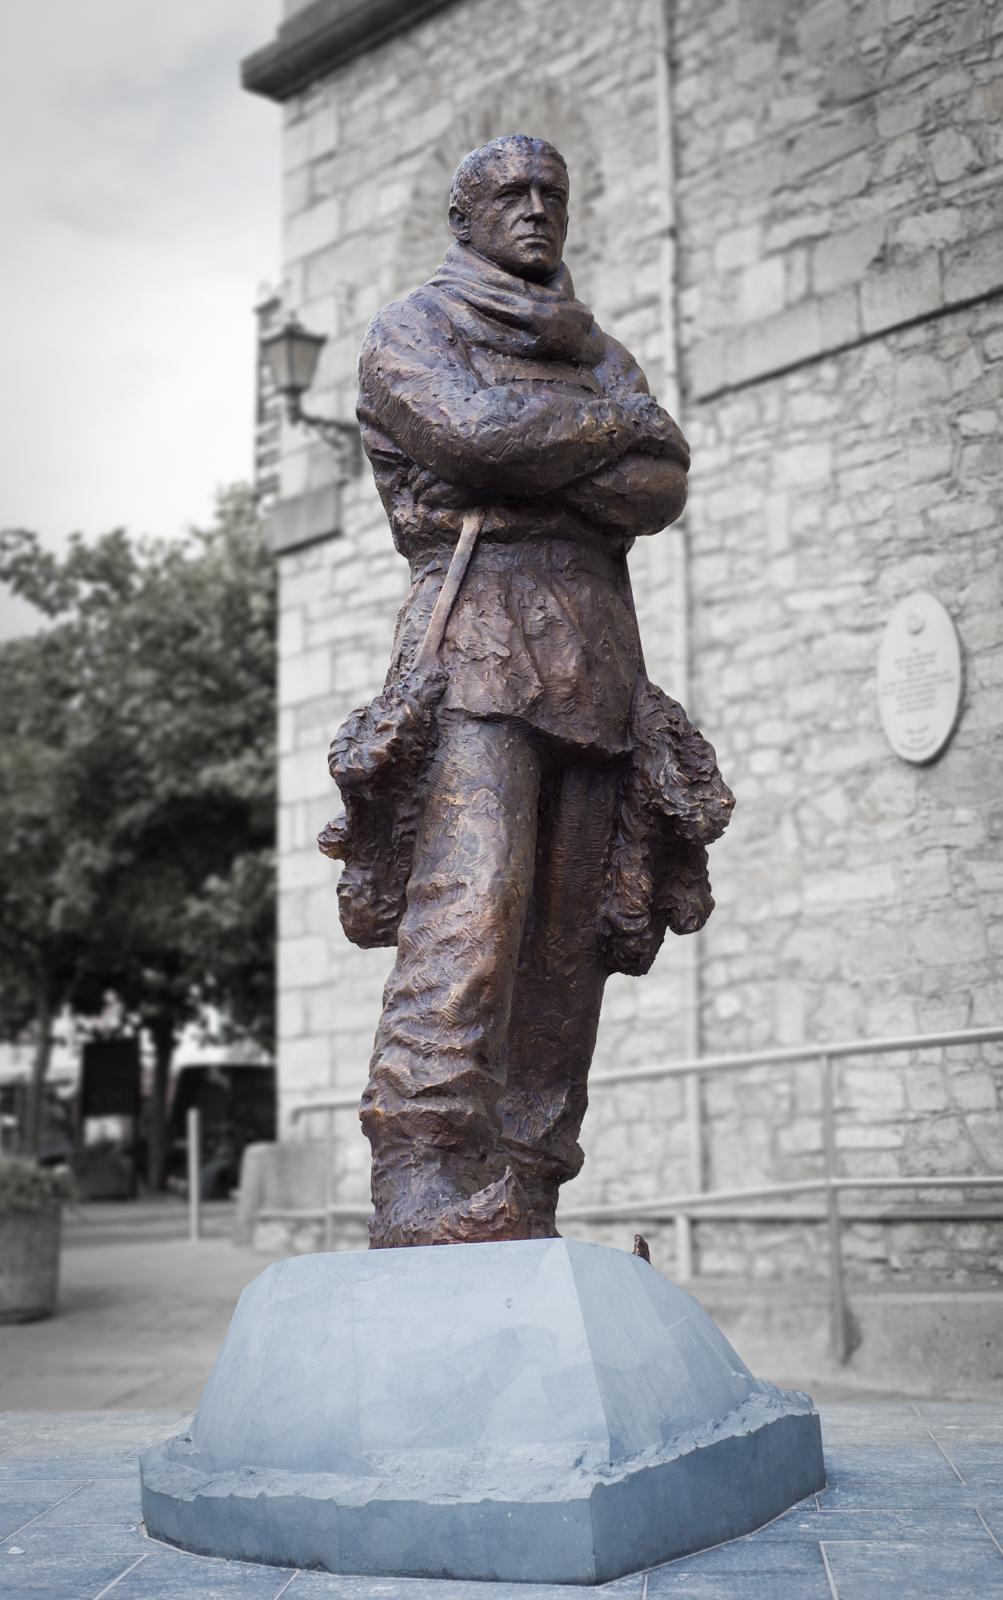 Mark Richards sculptor Ernest Shackleton statue commission, Kildare